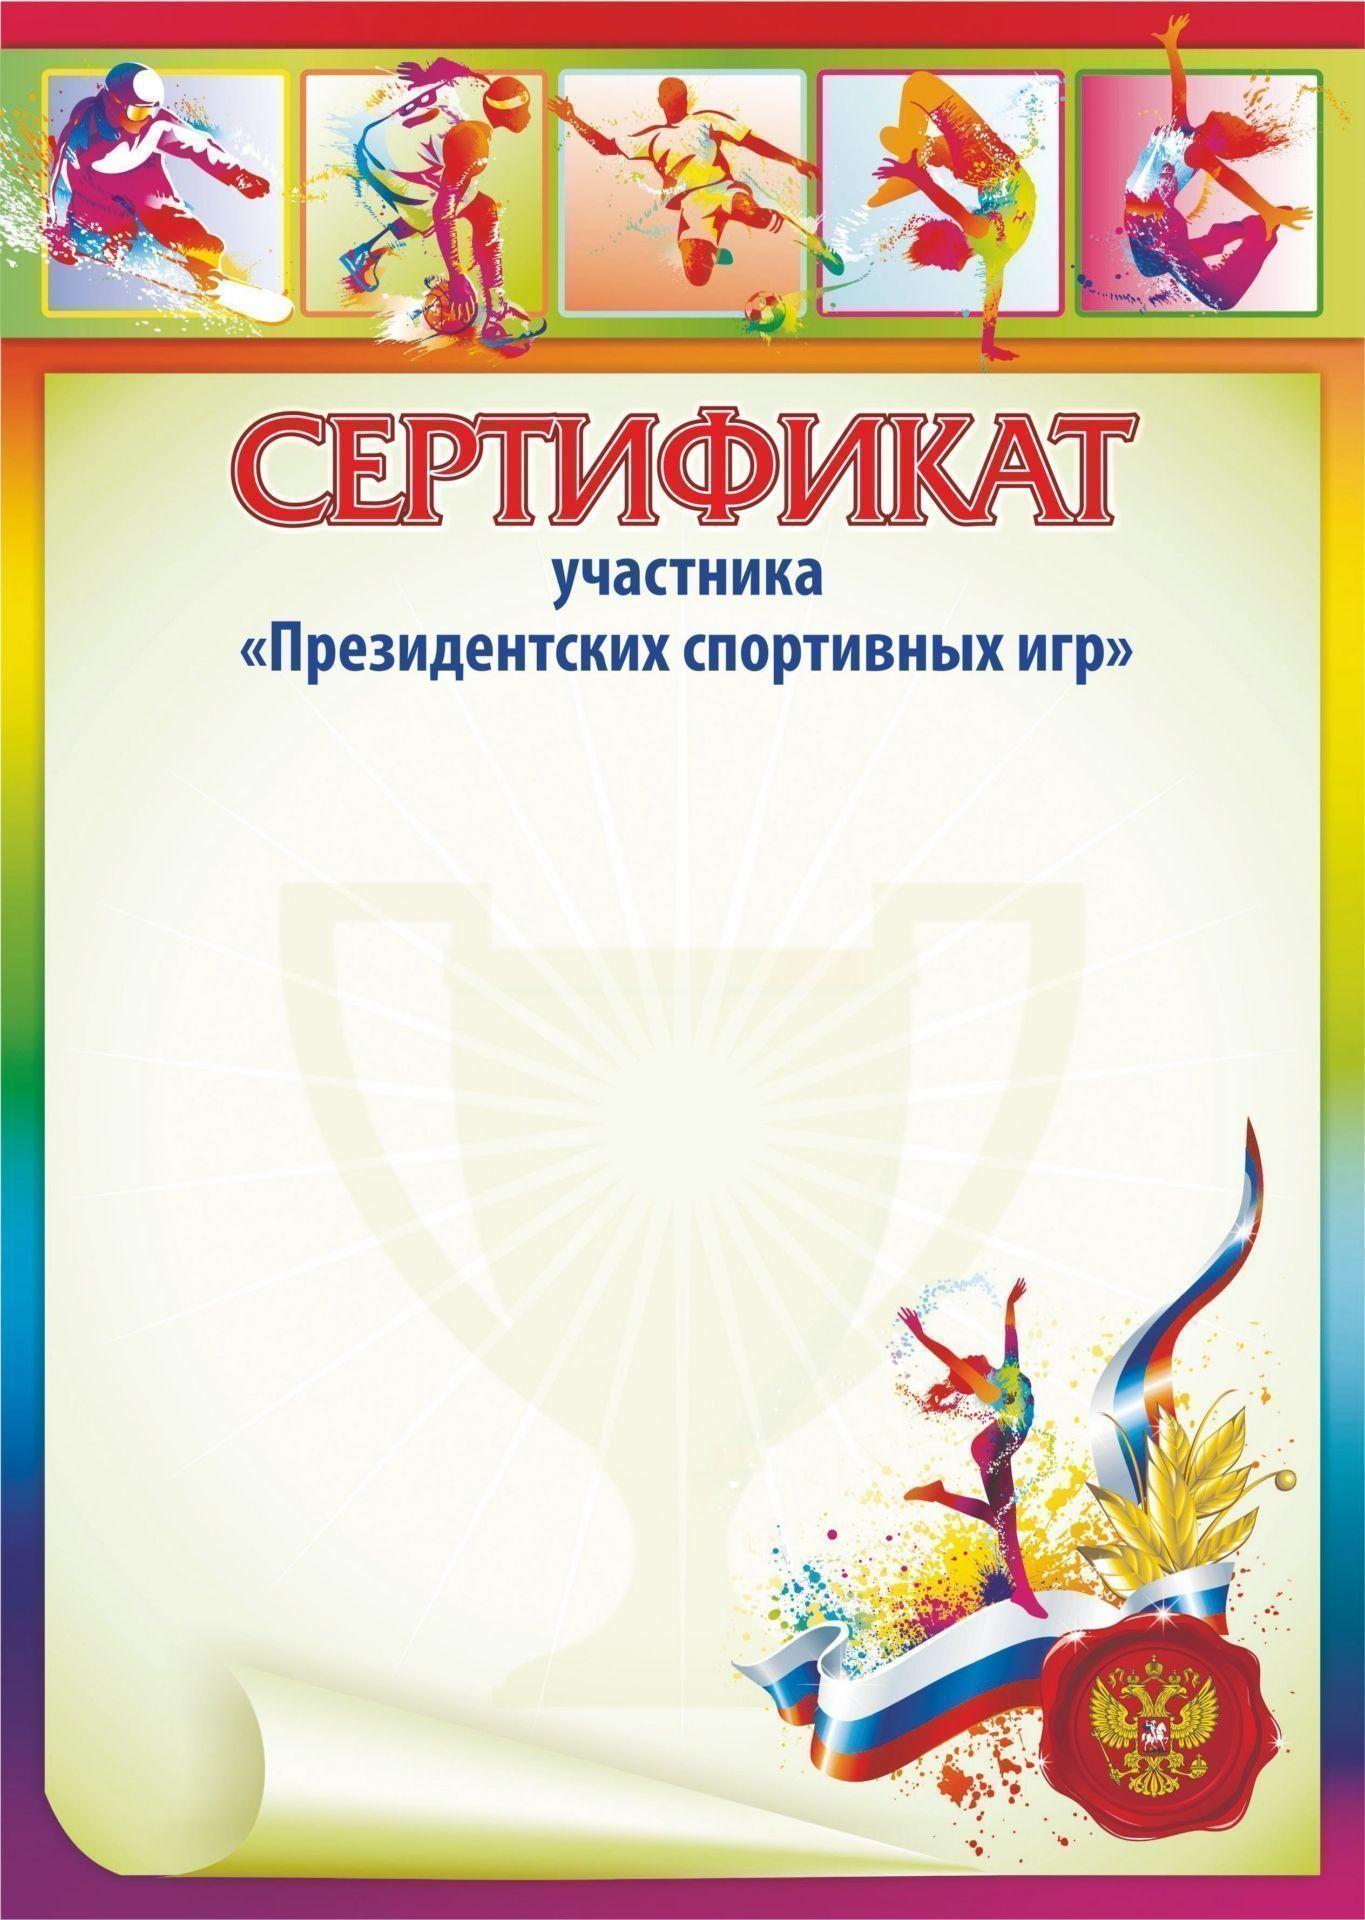 Сертификат участника Президентских спортивных игрЗа спортивные достижения<br>Материалы:на обложку - бумага мелованная, пл. 250.00.<br><br>Год: 2017<br>Высота: 297<br>Ширина: 210